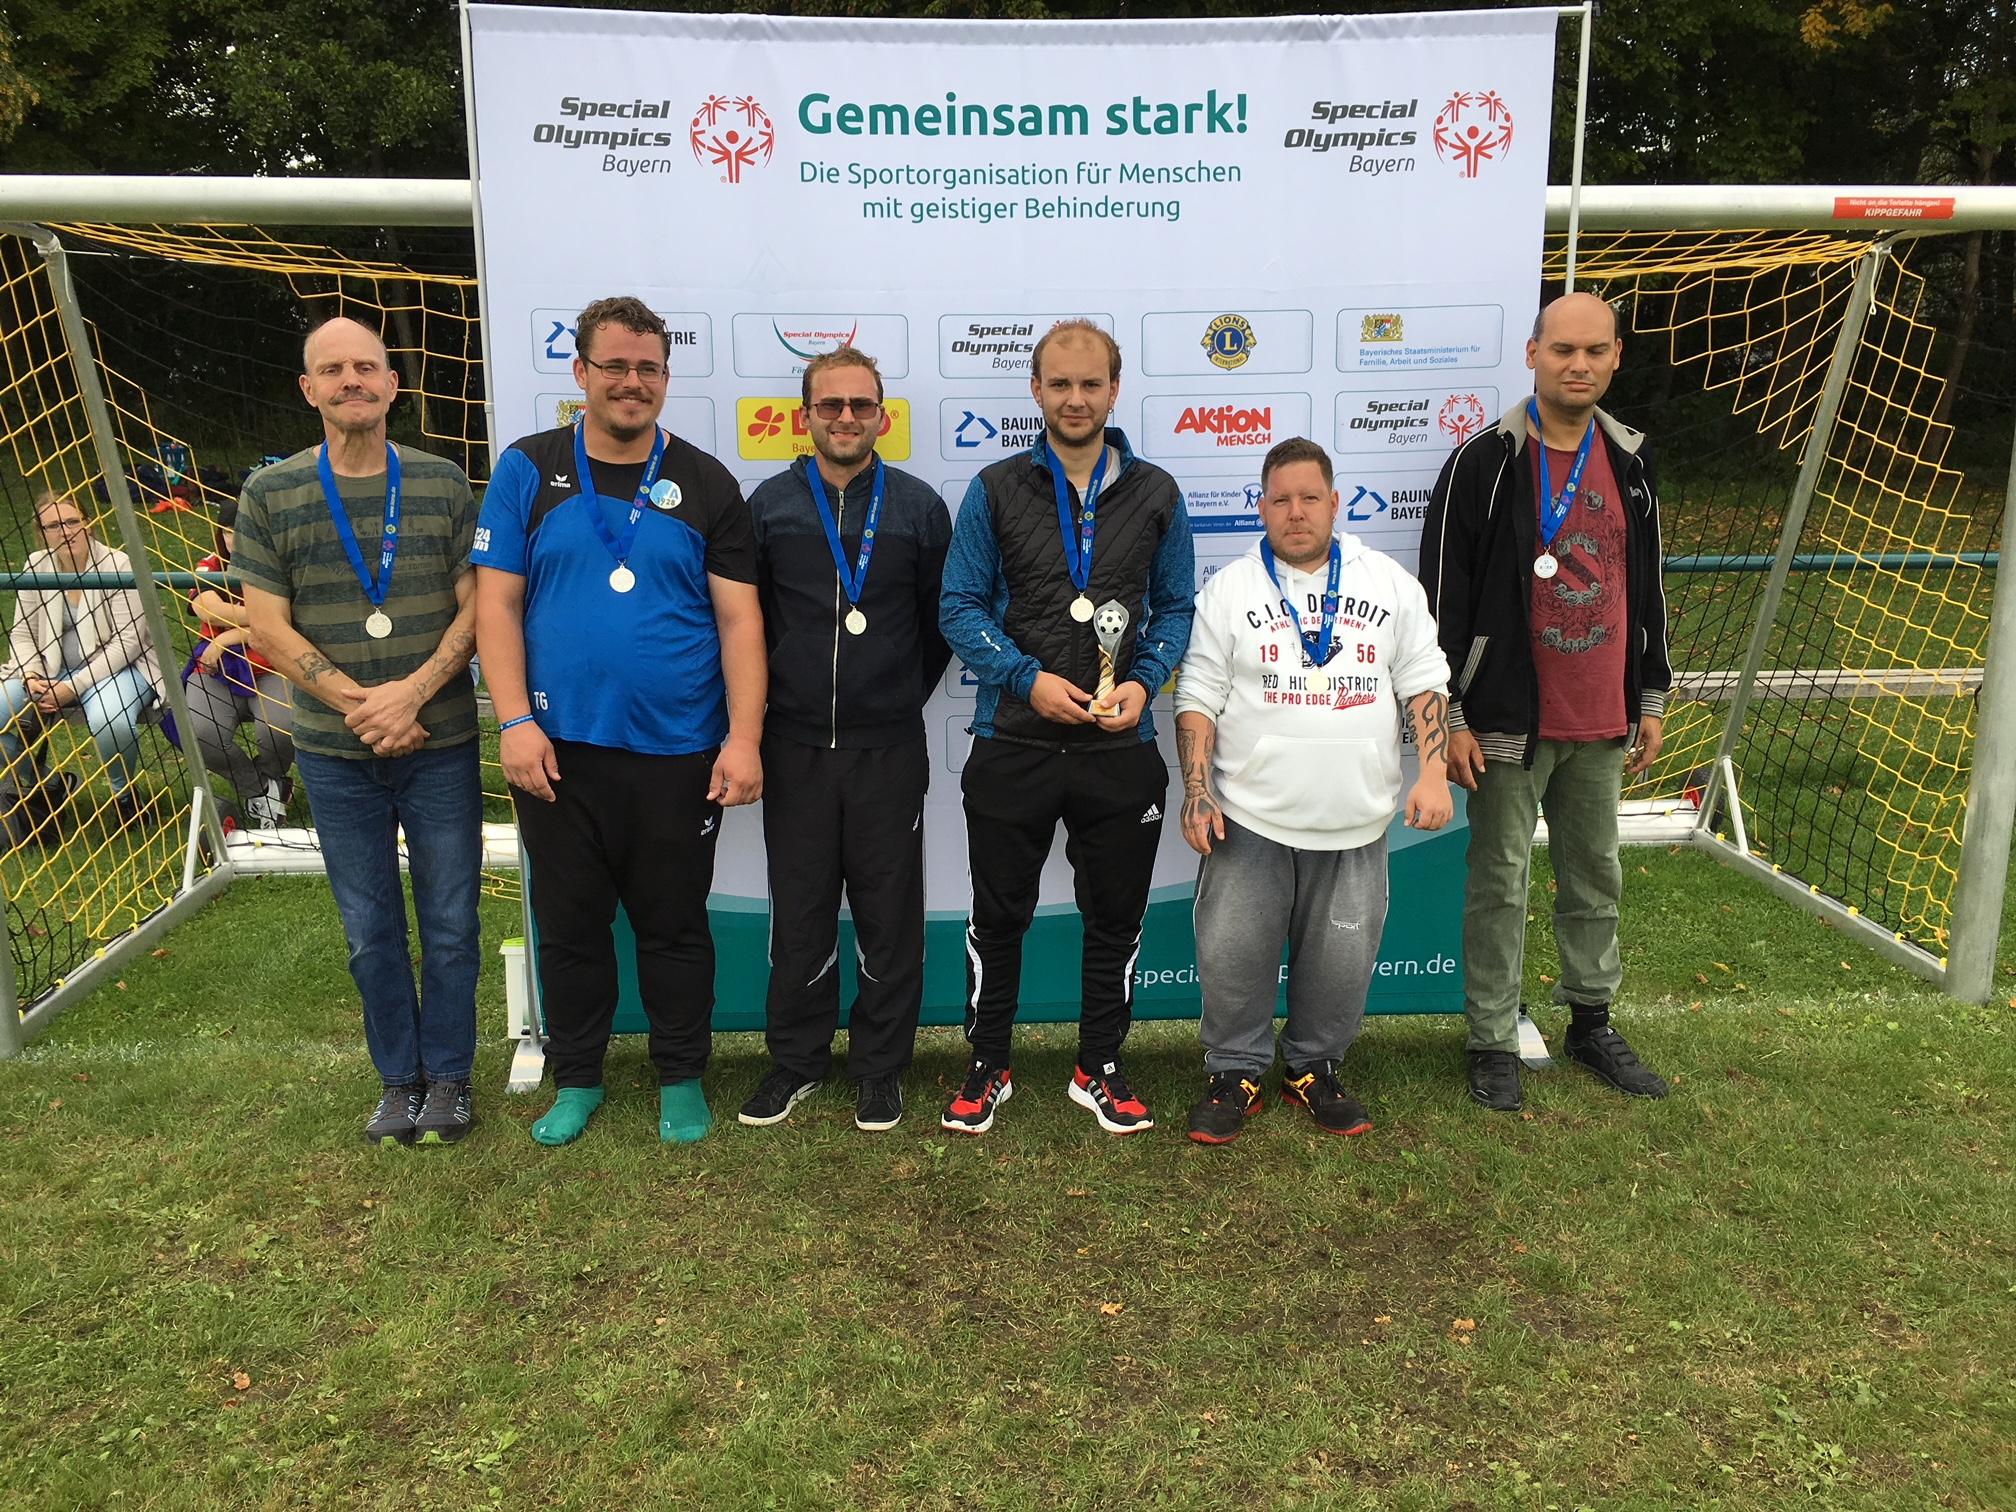 """Der Kader """"Moritzberg-Werkstätten"""" um das Trainerteam Full und Zeltner versilberte beim landesweiten Fußballturnier in Olching seine Leistung."""